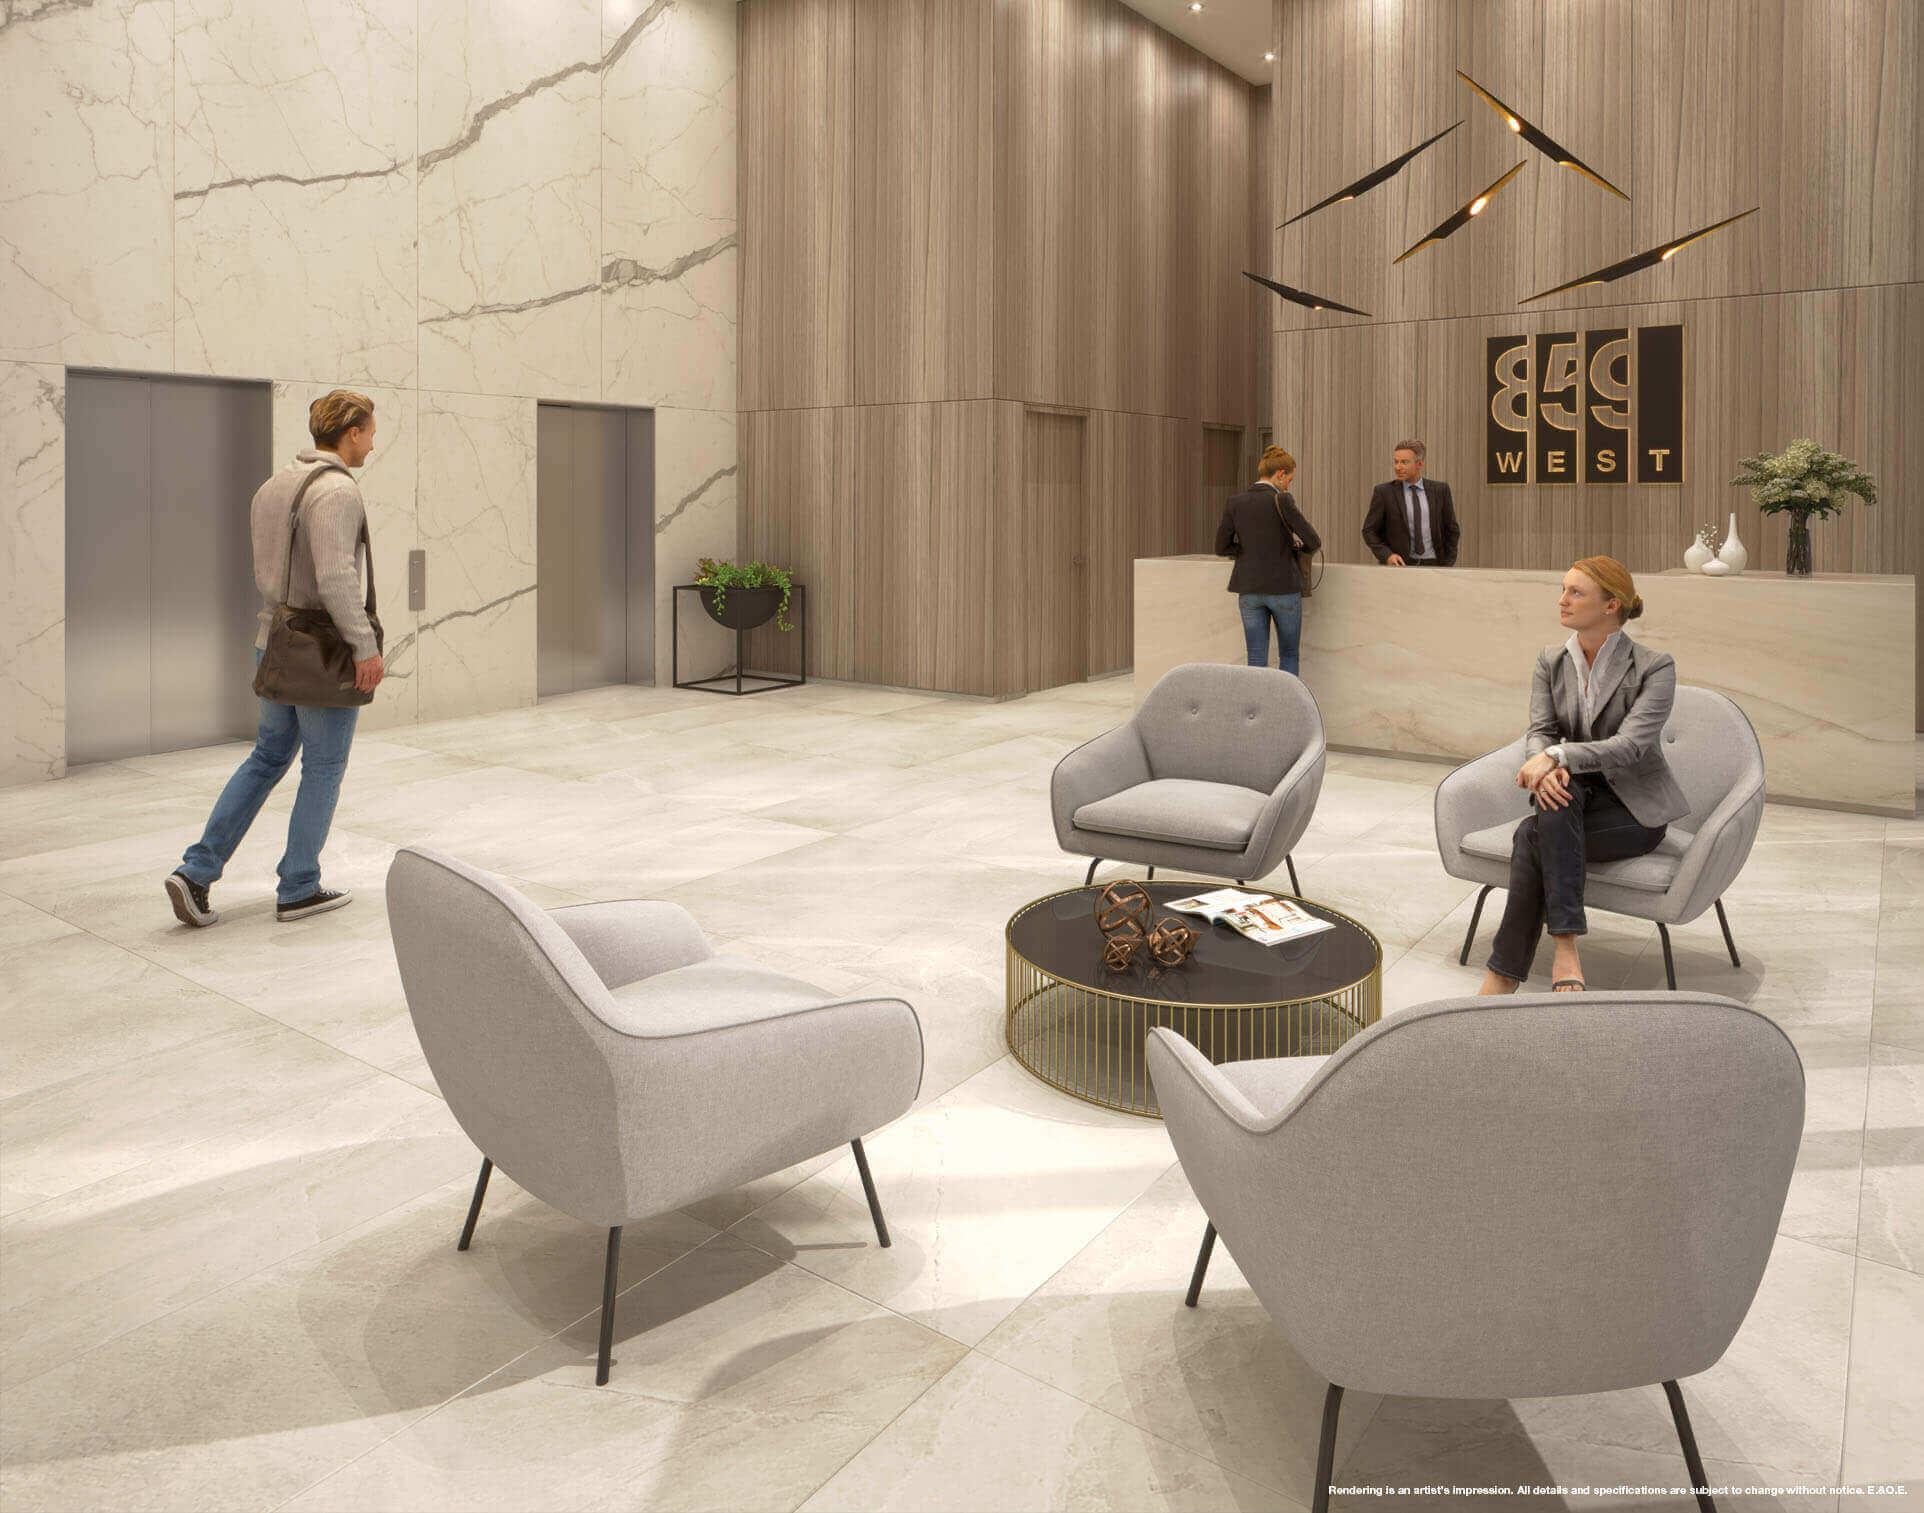 859 West Lobby Rendering